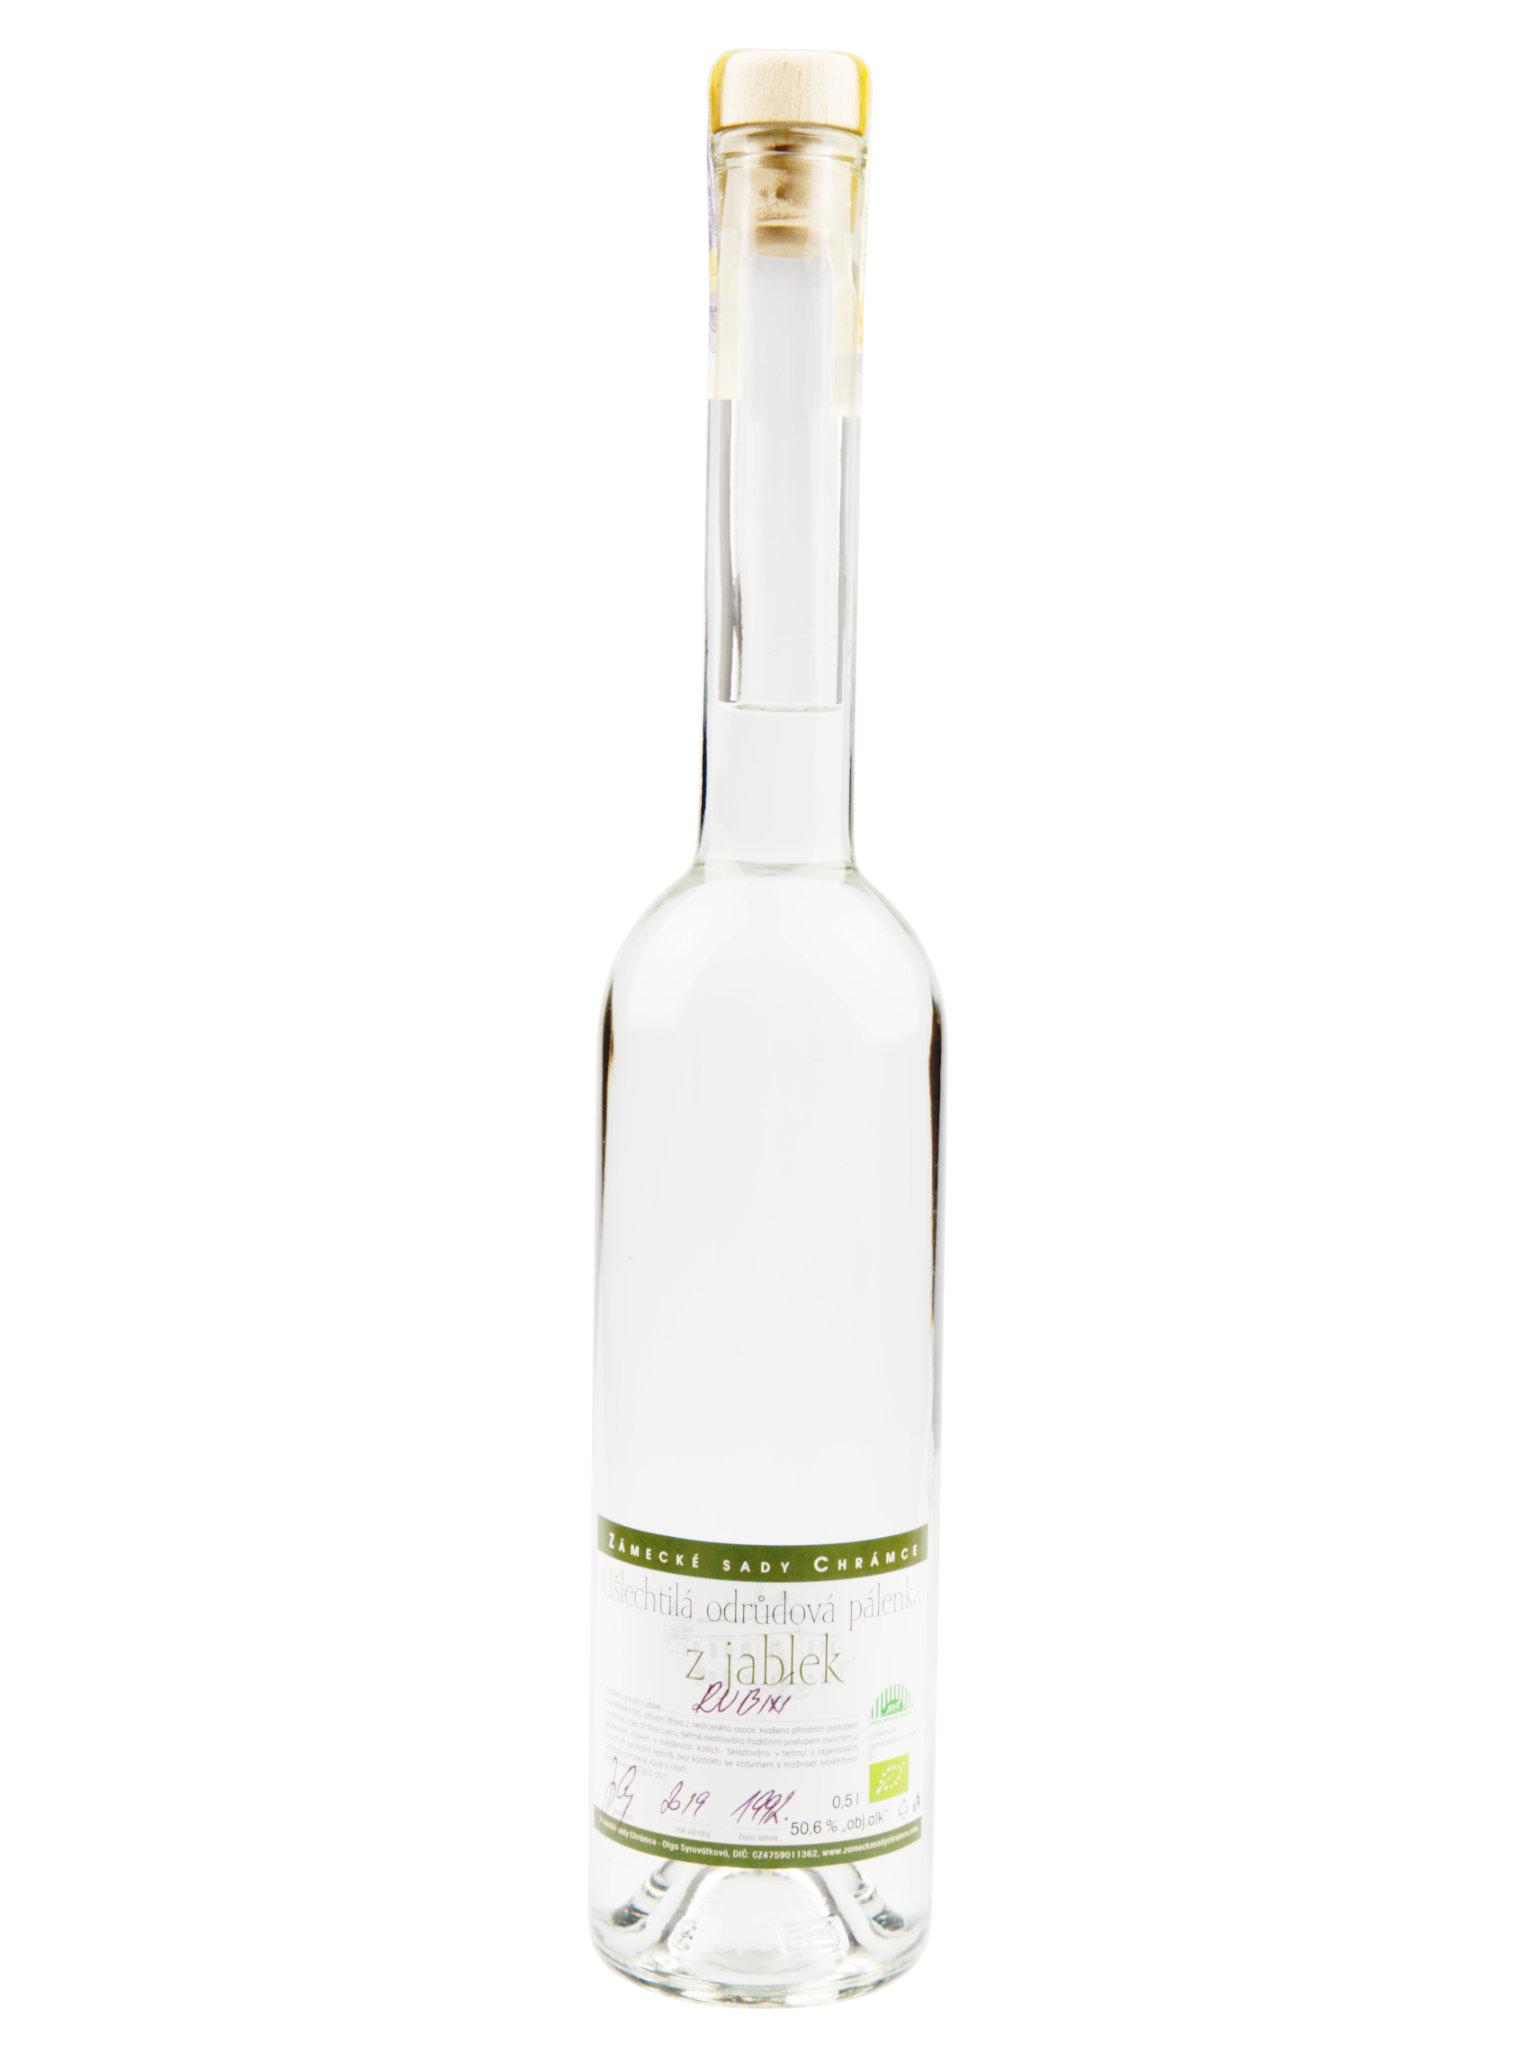 Levně Zámecké sady Chrámce BIO Pálenka z jablek odrůdy Rubín 50,6% 0,5l